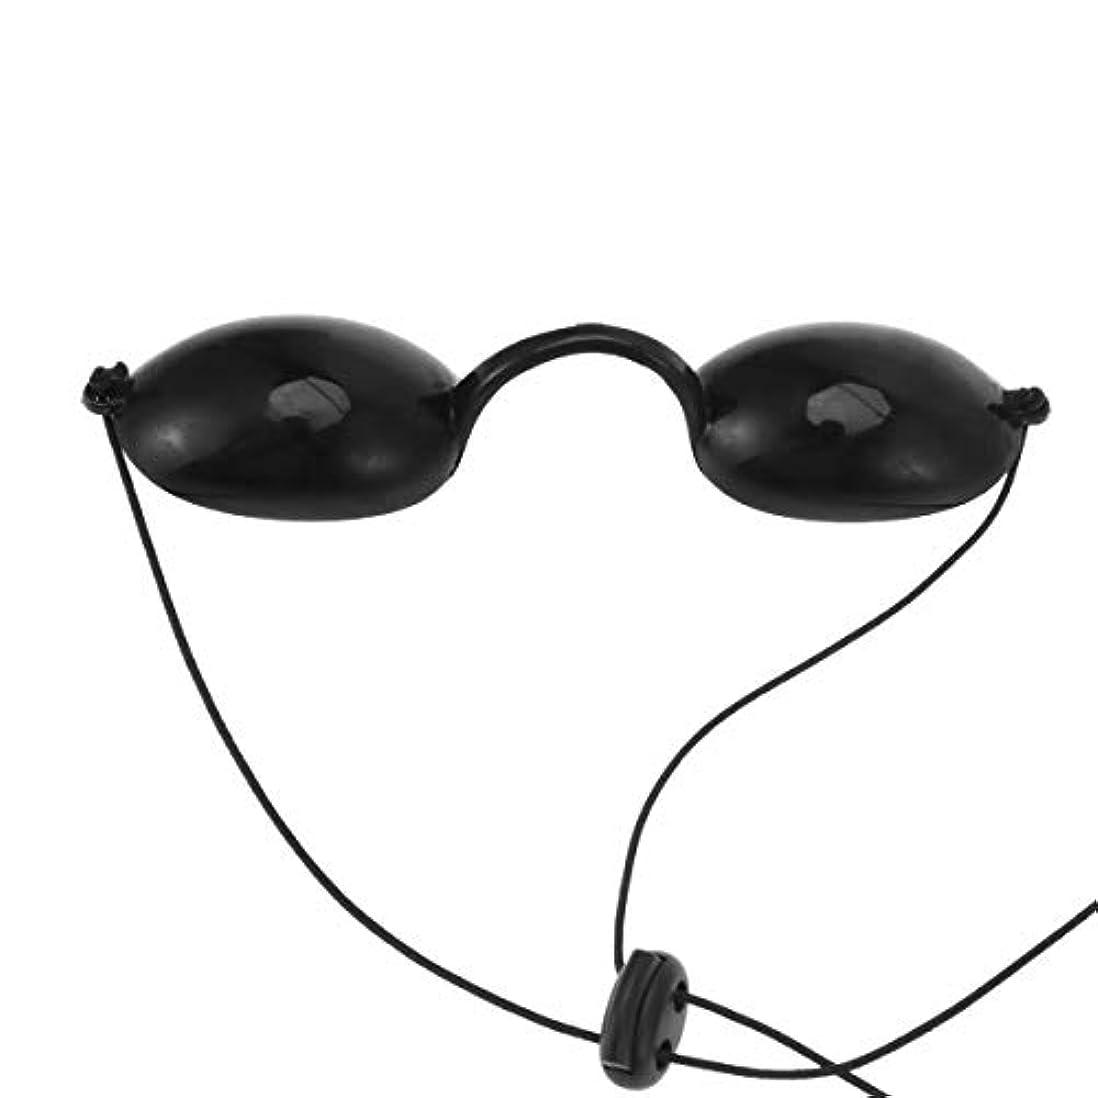 先住民ビデオ治療Healifty 保護ゴーグルUVアイシールドIPL 安全保護UV赤外線LEDライトセラピー美容アイセラピー